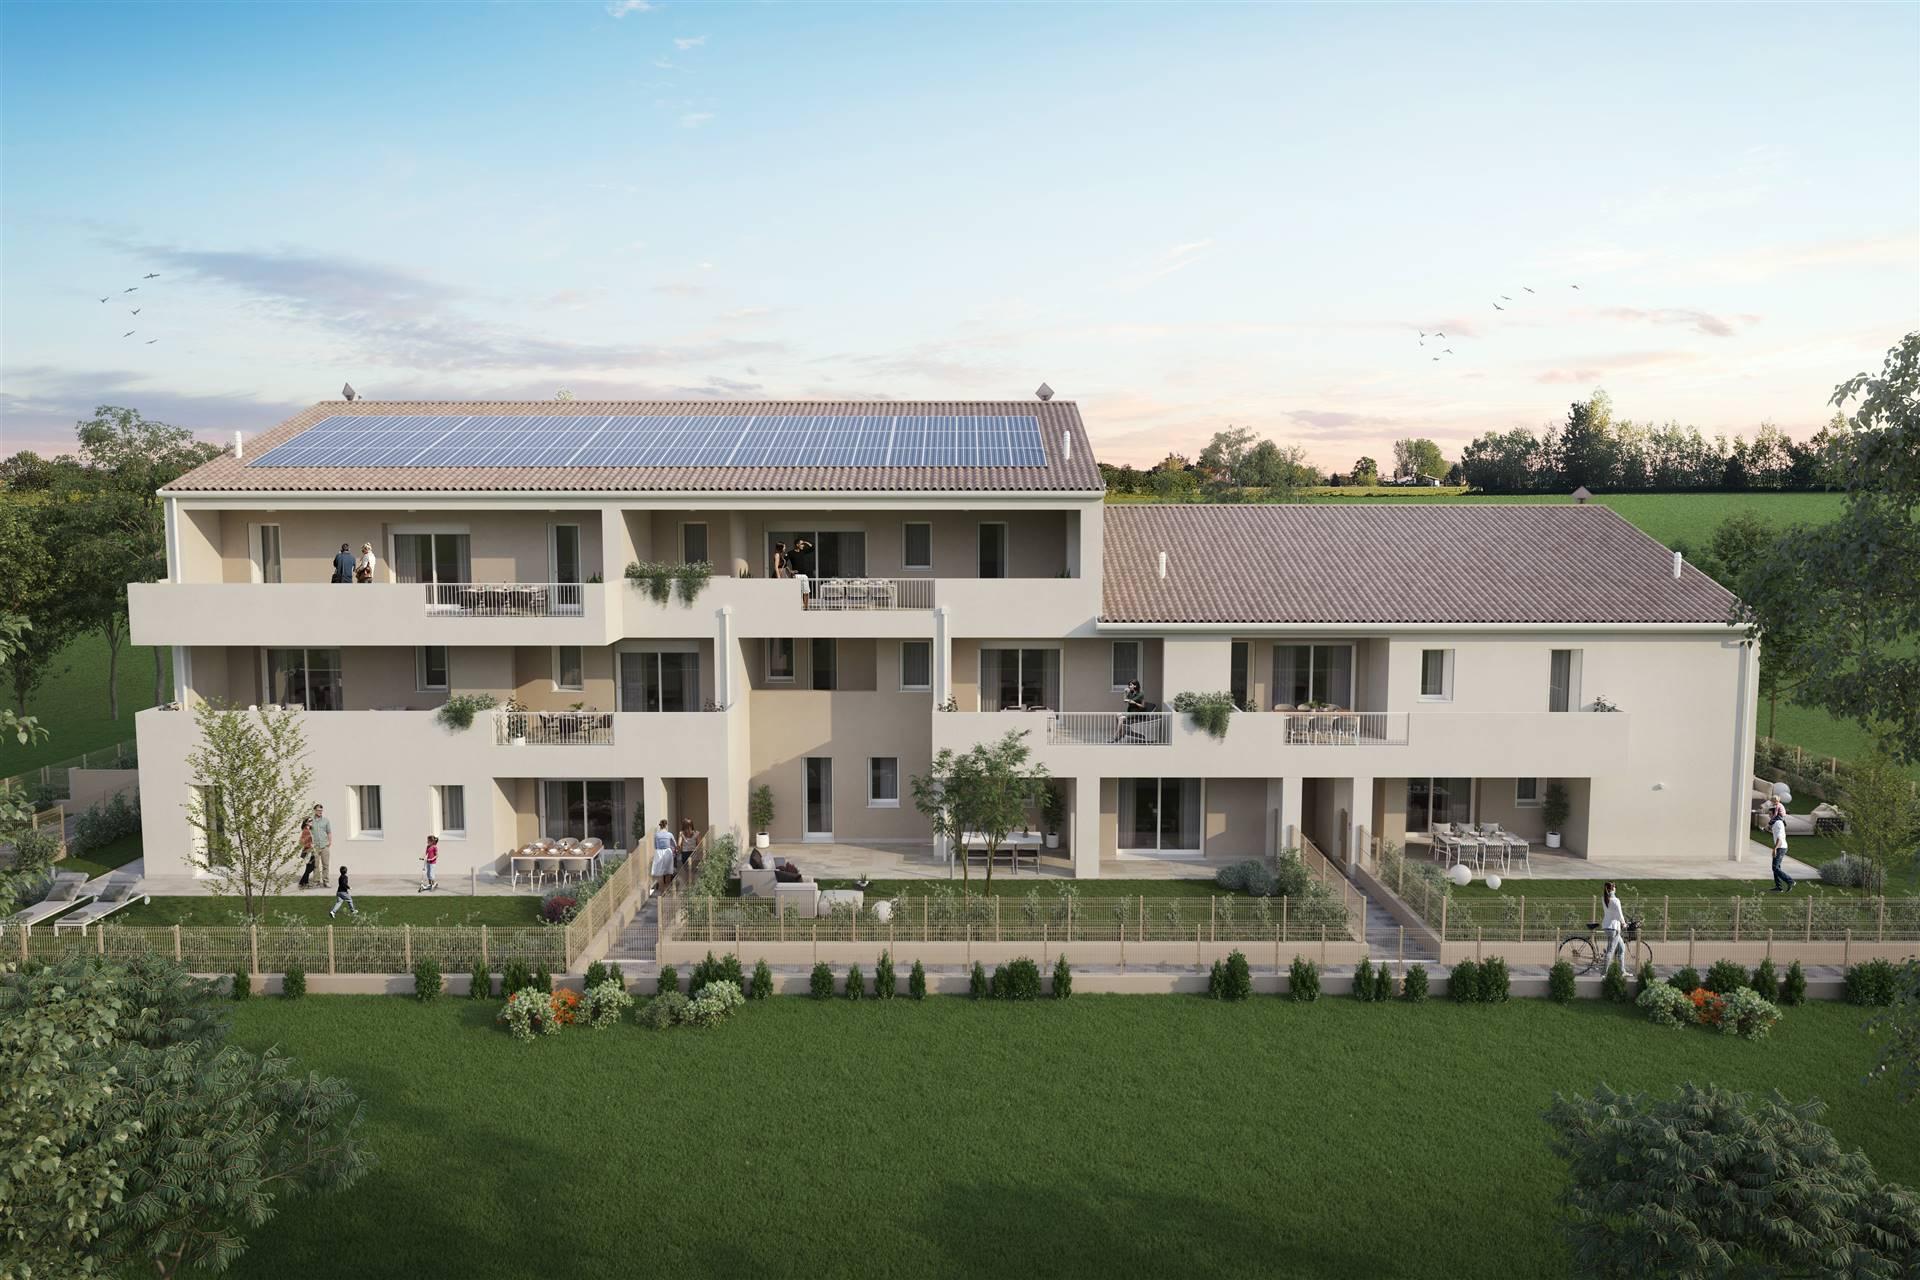 Appartamento in vendita a Salzano, 3 locali, zona Località: SCUOLA MEDIA STATALE DANTE ALIGHIERI, prezzo € 220.000 | PortaleAgenzieImmobiliari.it